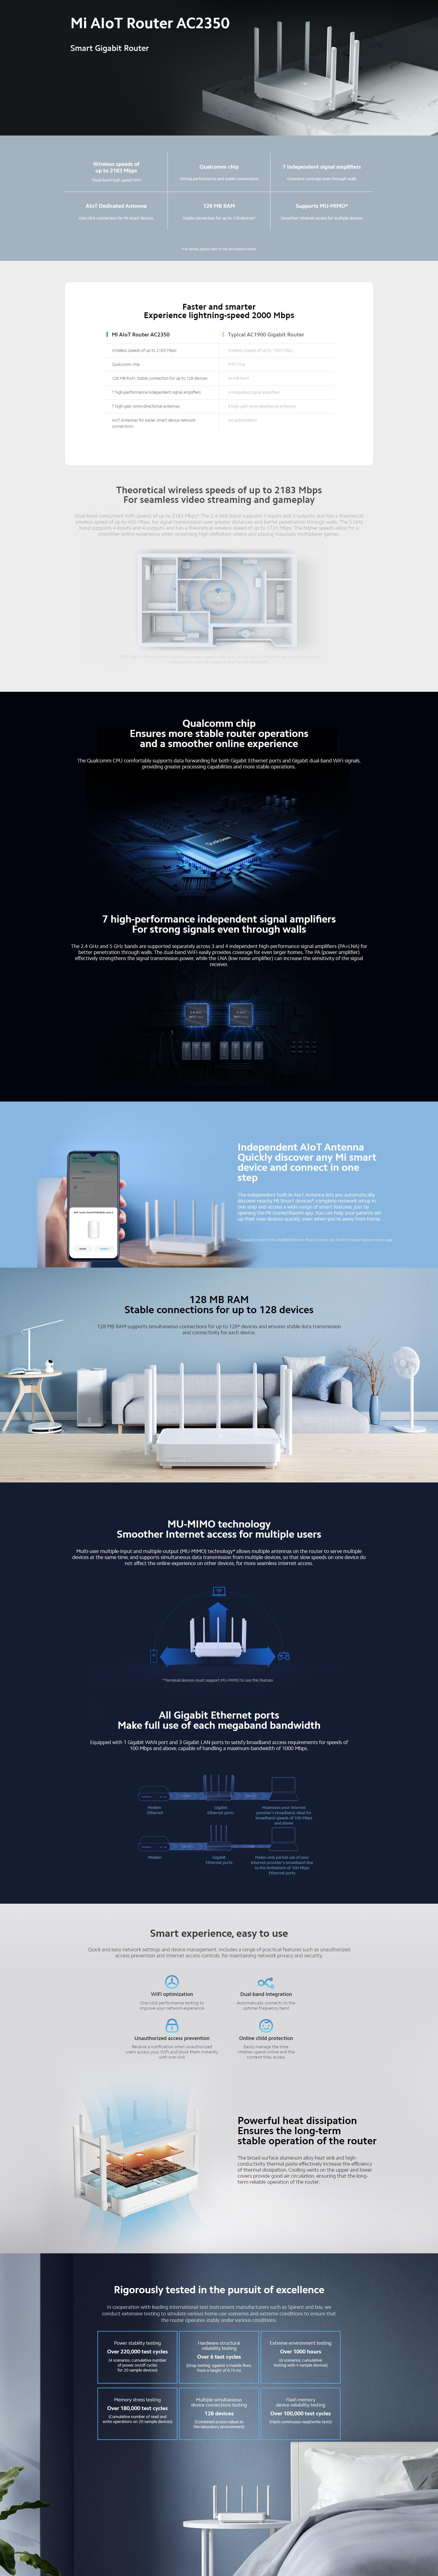 Xiaomi Gigabitni Router Mi AIoT